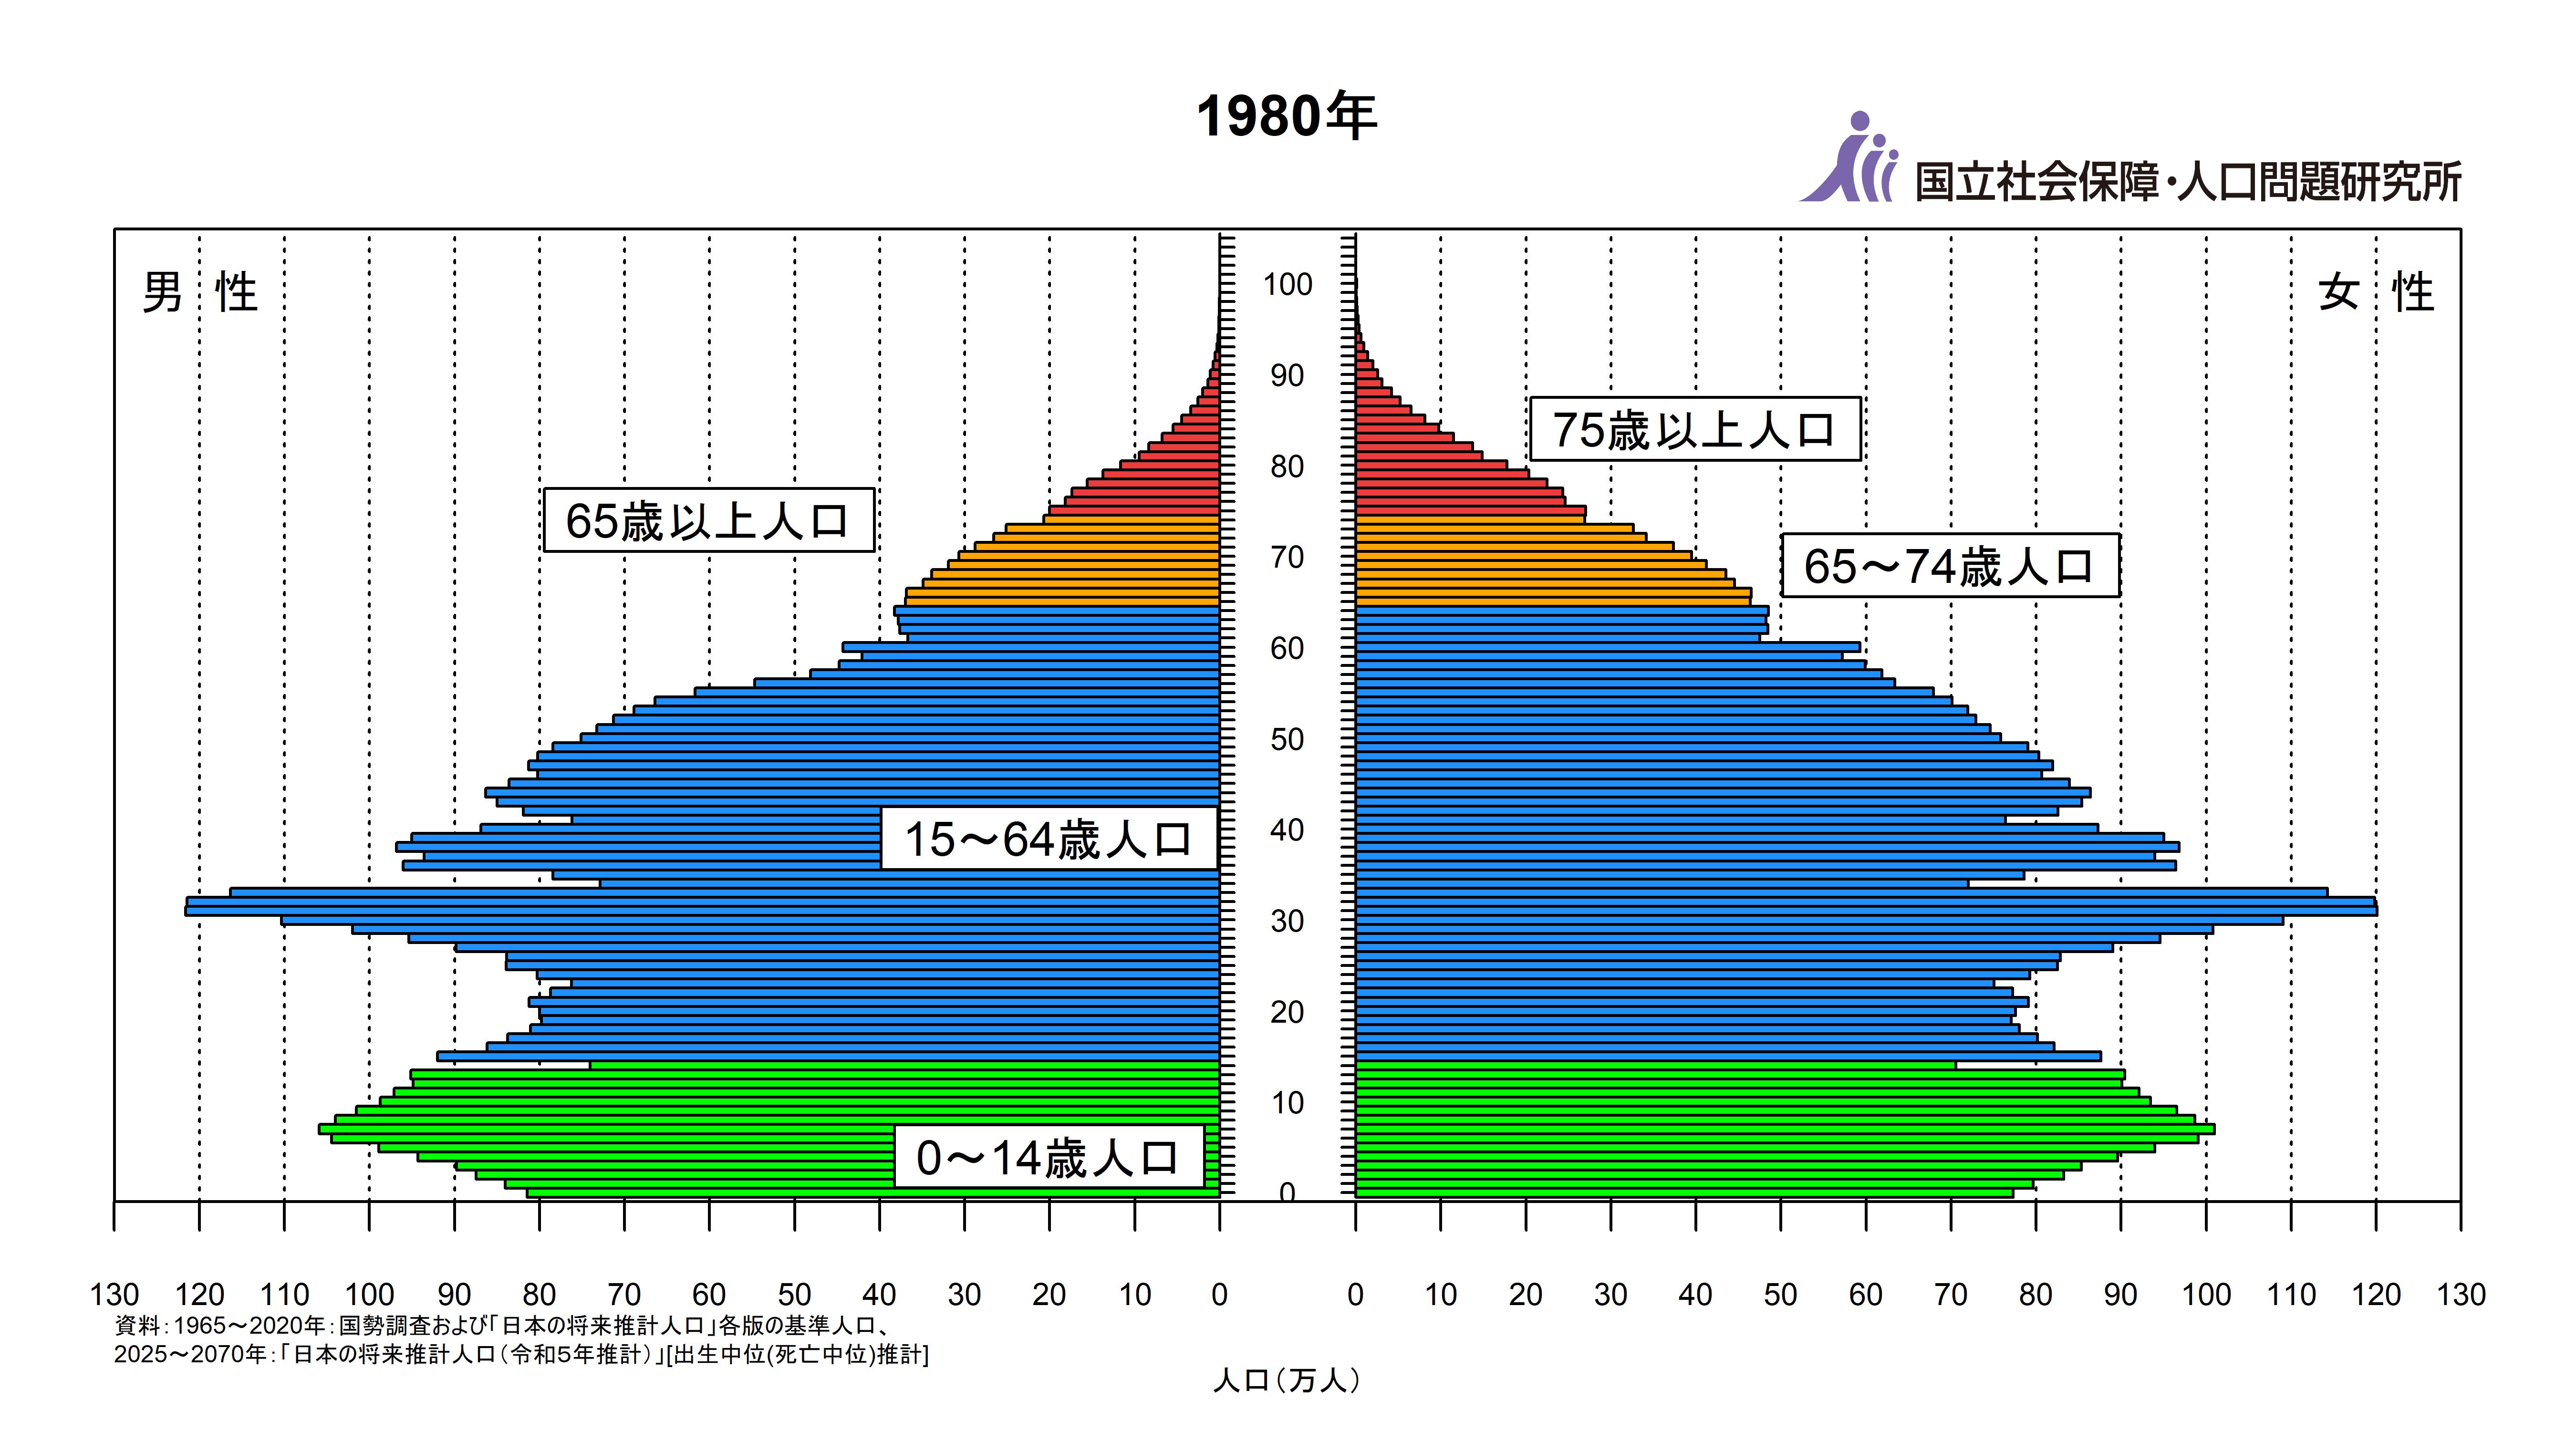 1980年の日本の人口ピラミッド